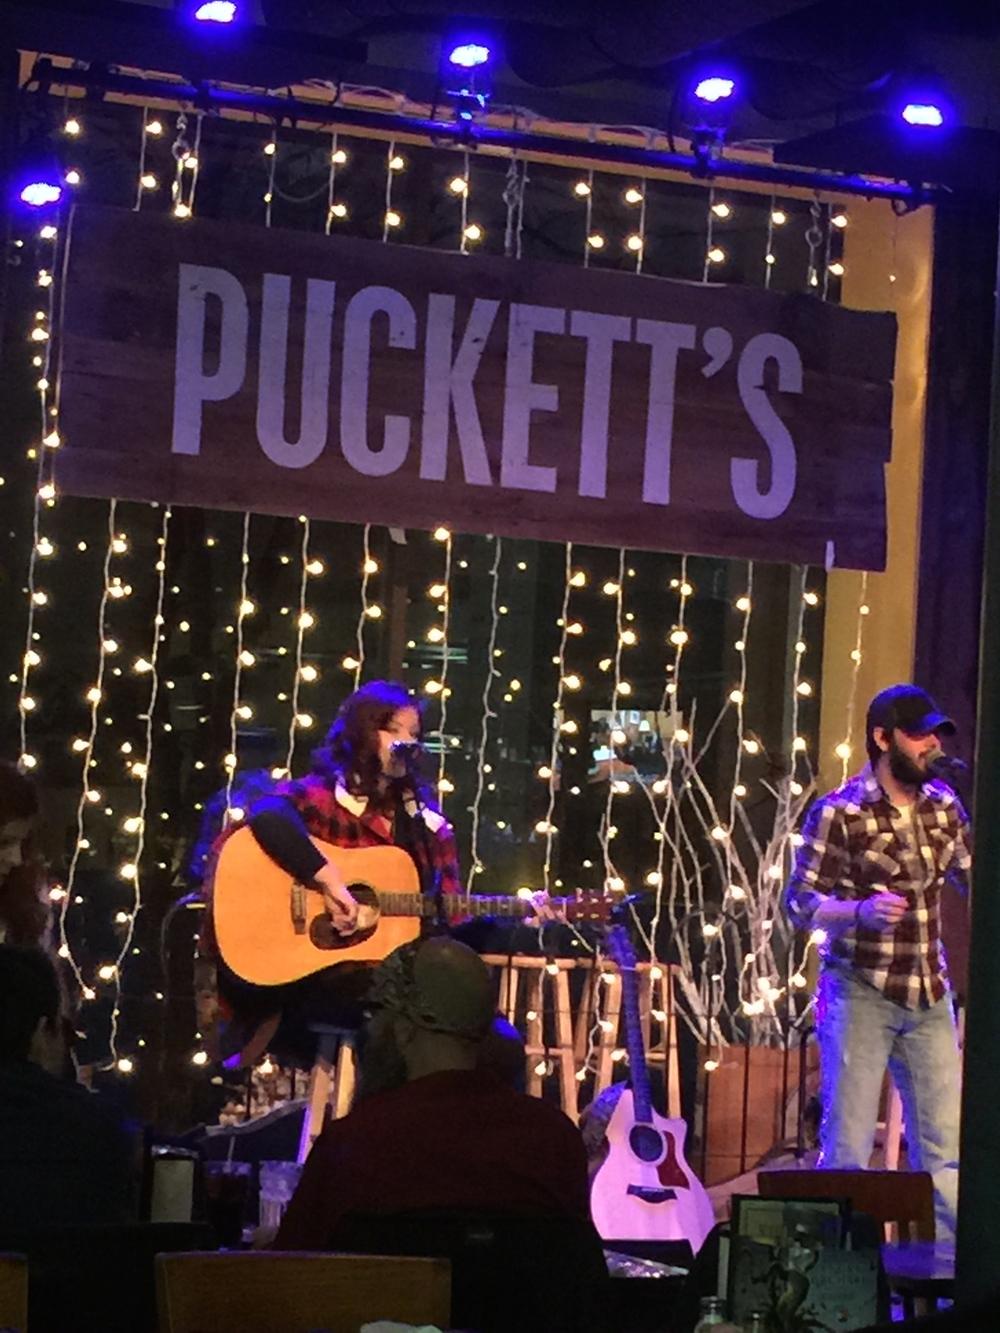 Puckett's - Nashville